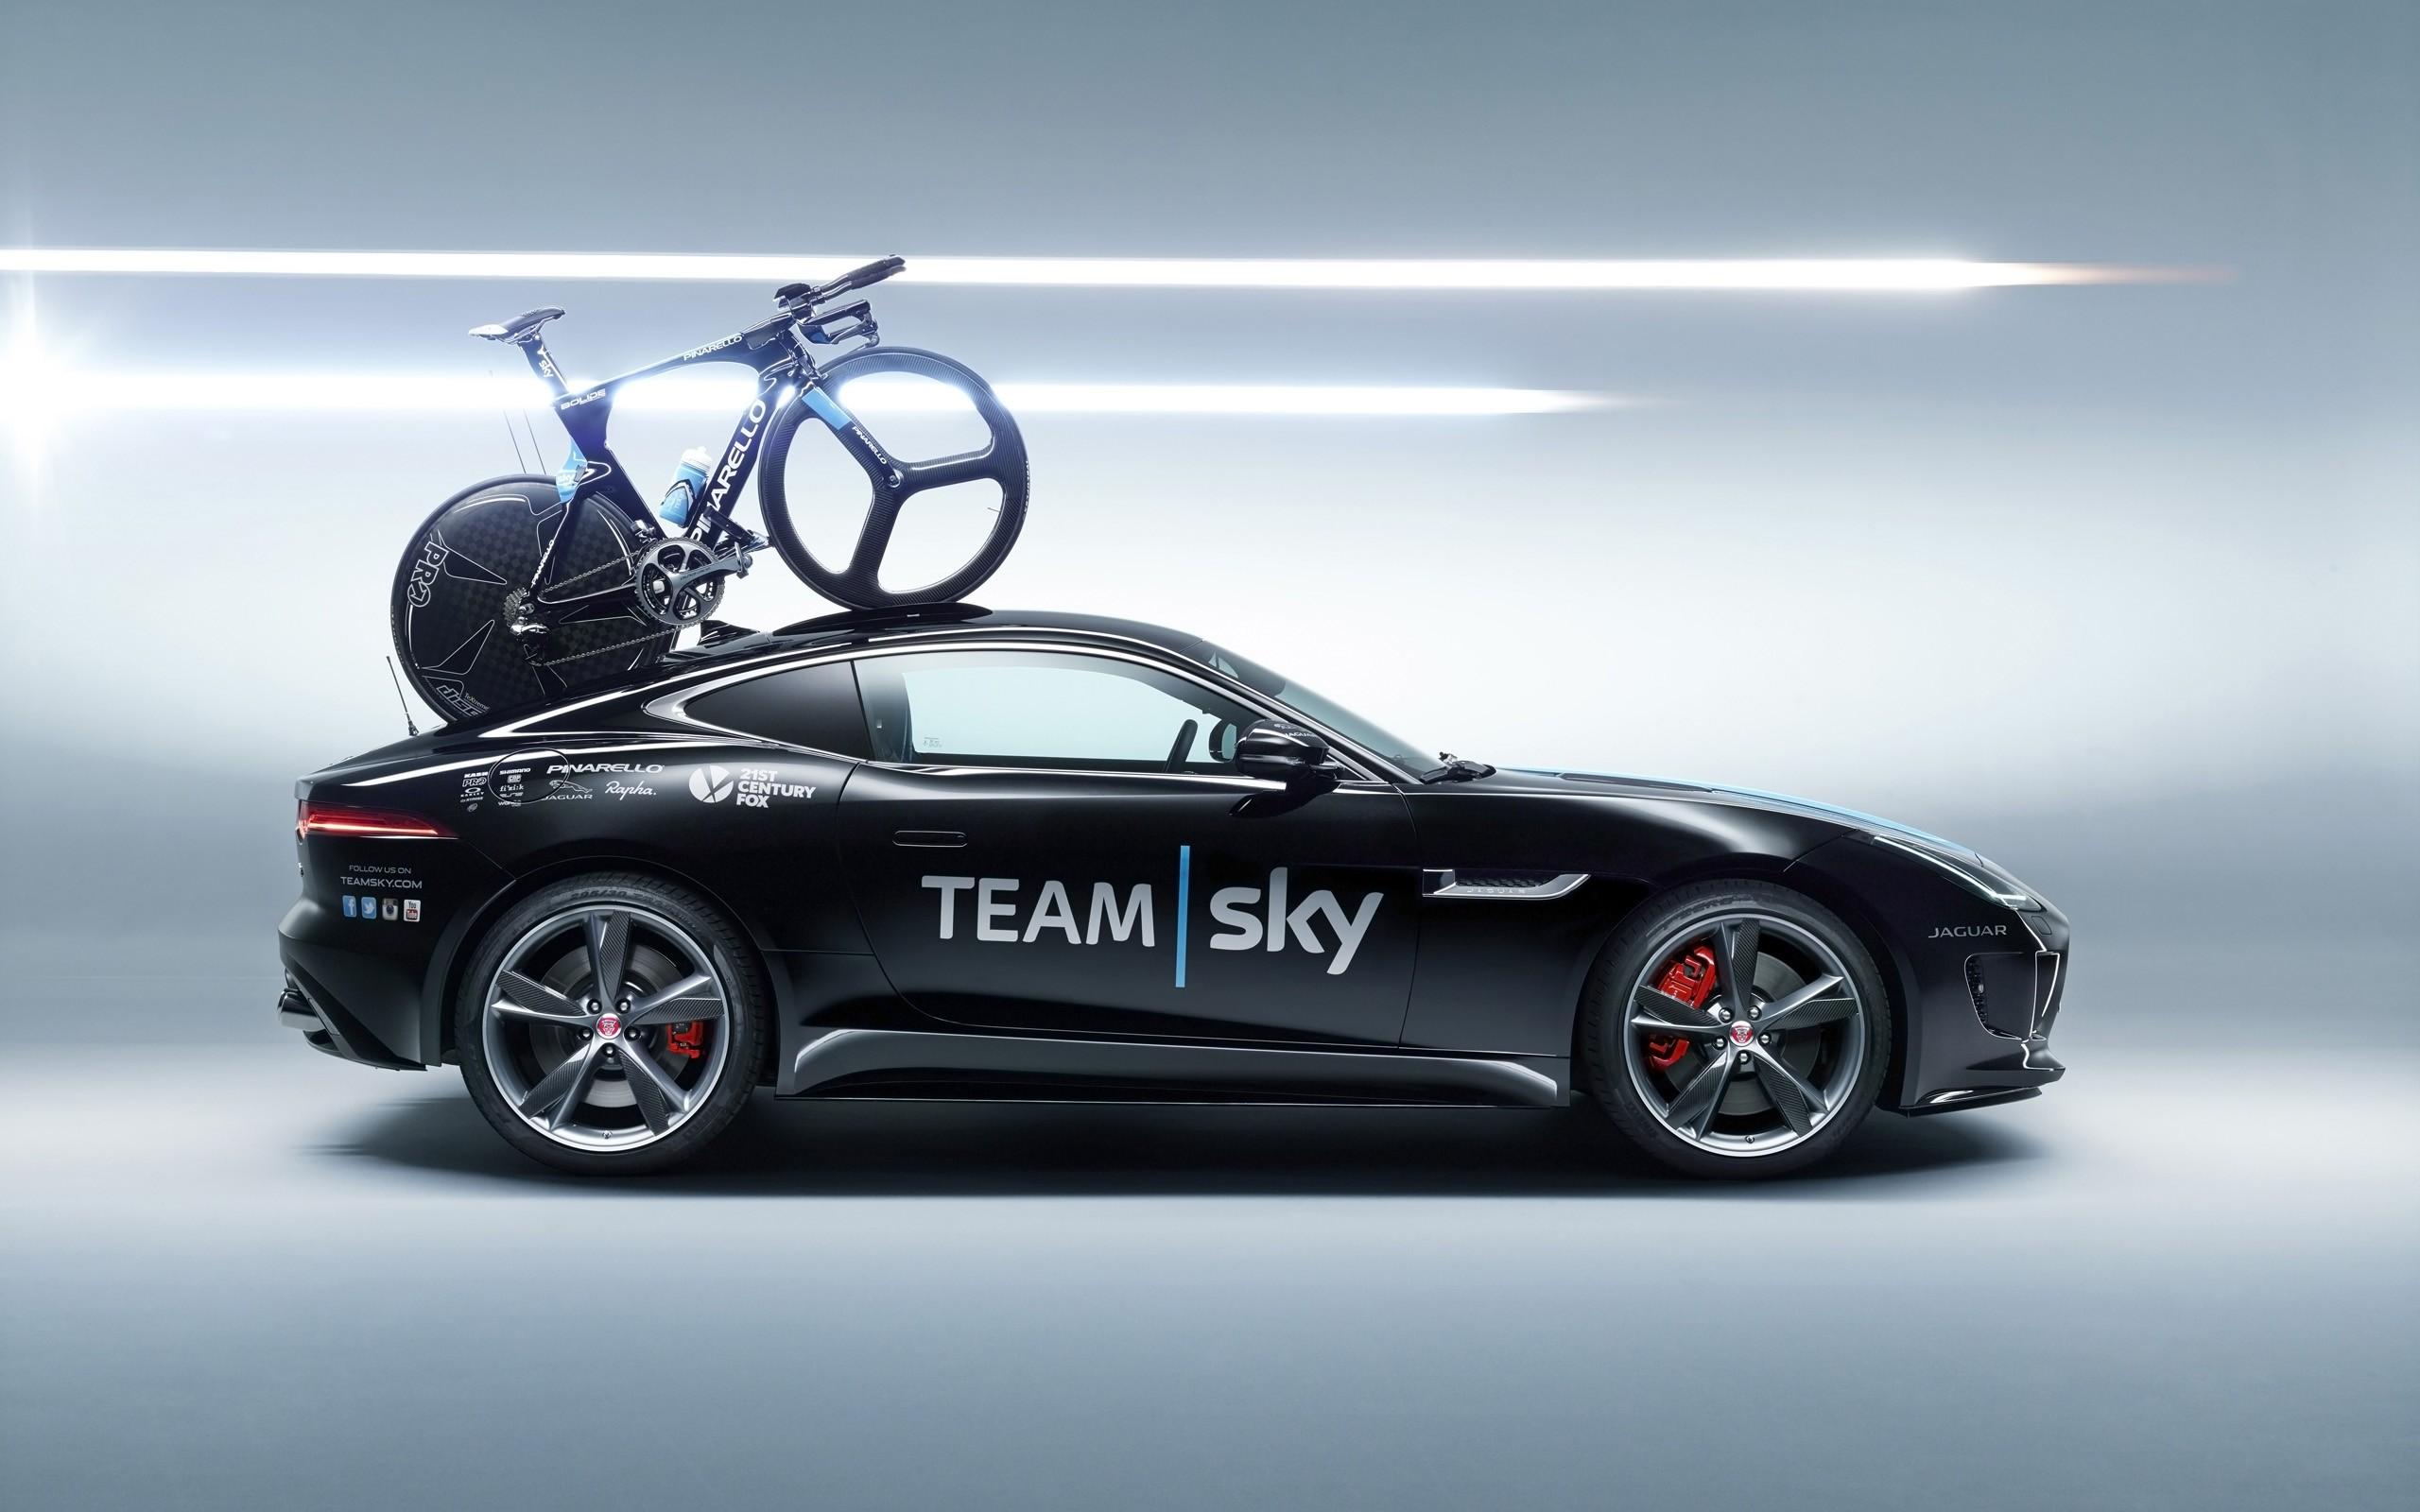 Bmw Iphone X Wallpaper 2014 Jaguar F Type Coupe Tour De France 2 Wallpaper Hd